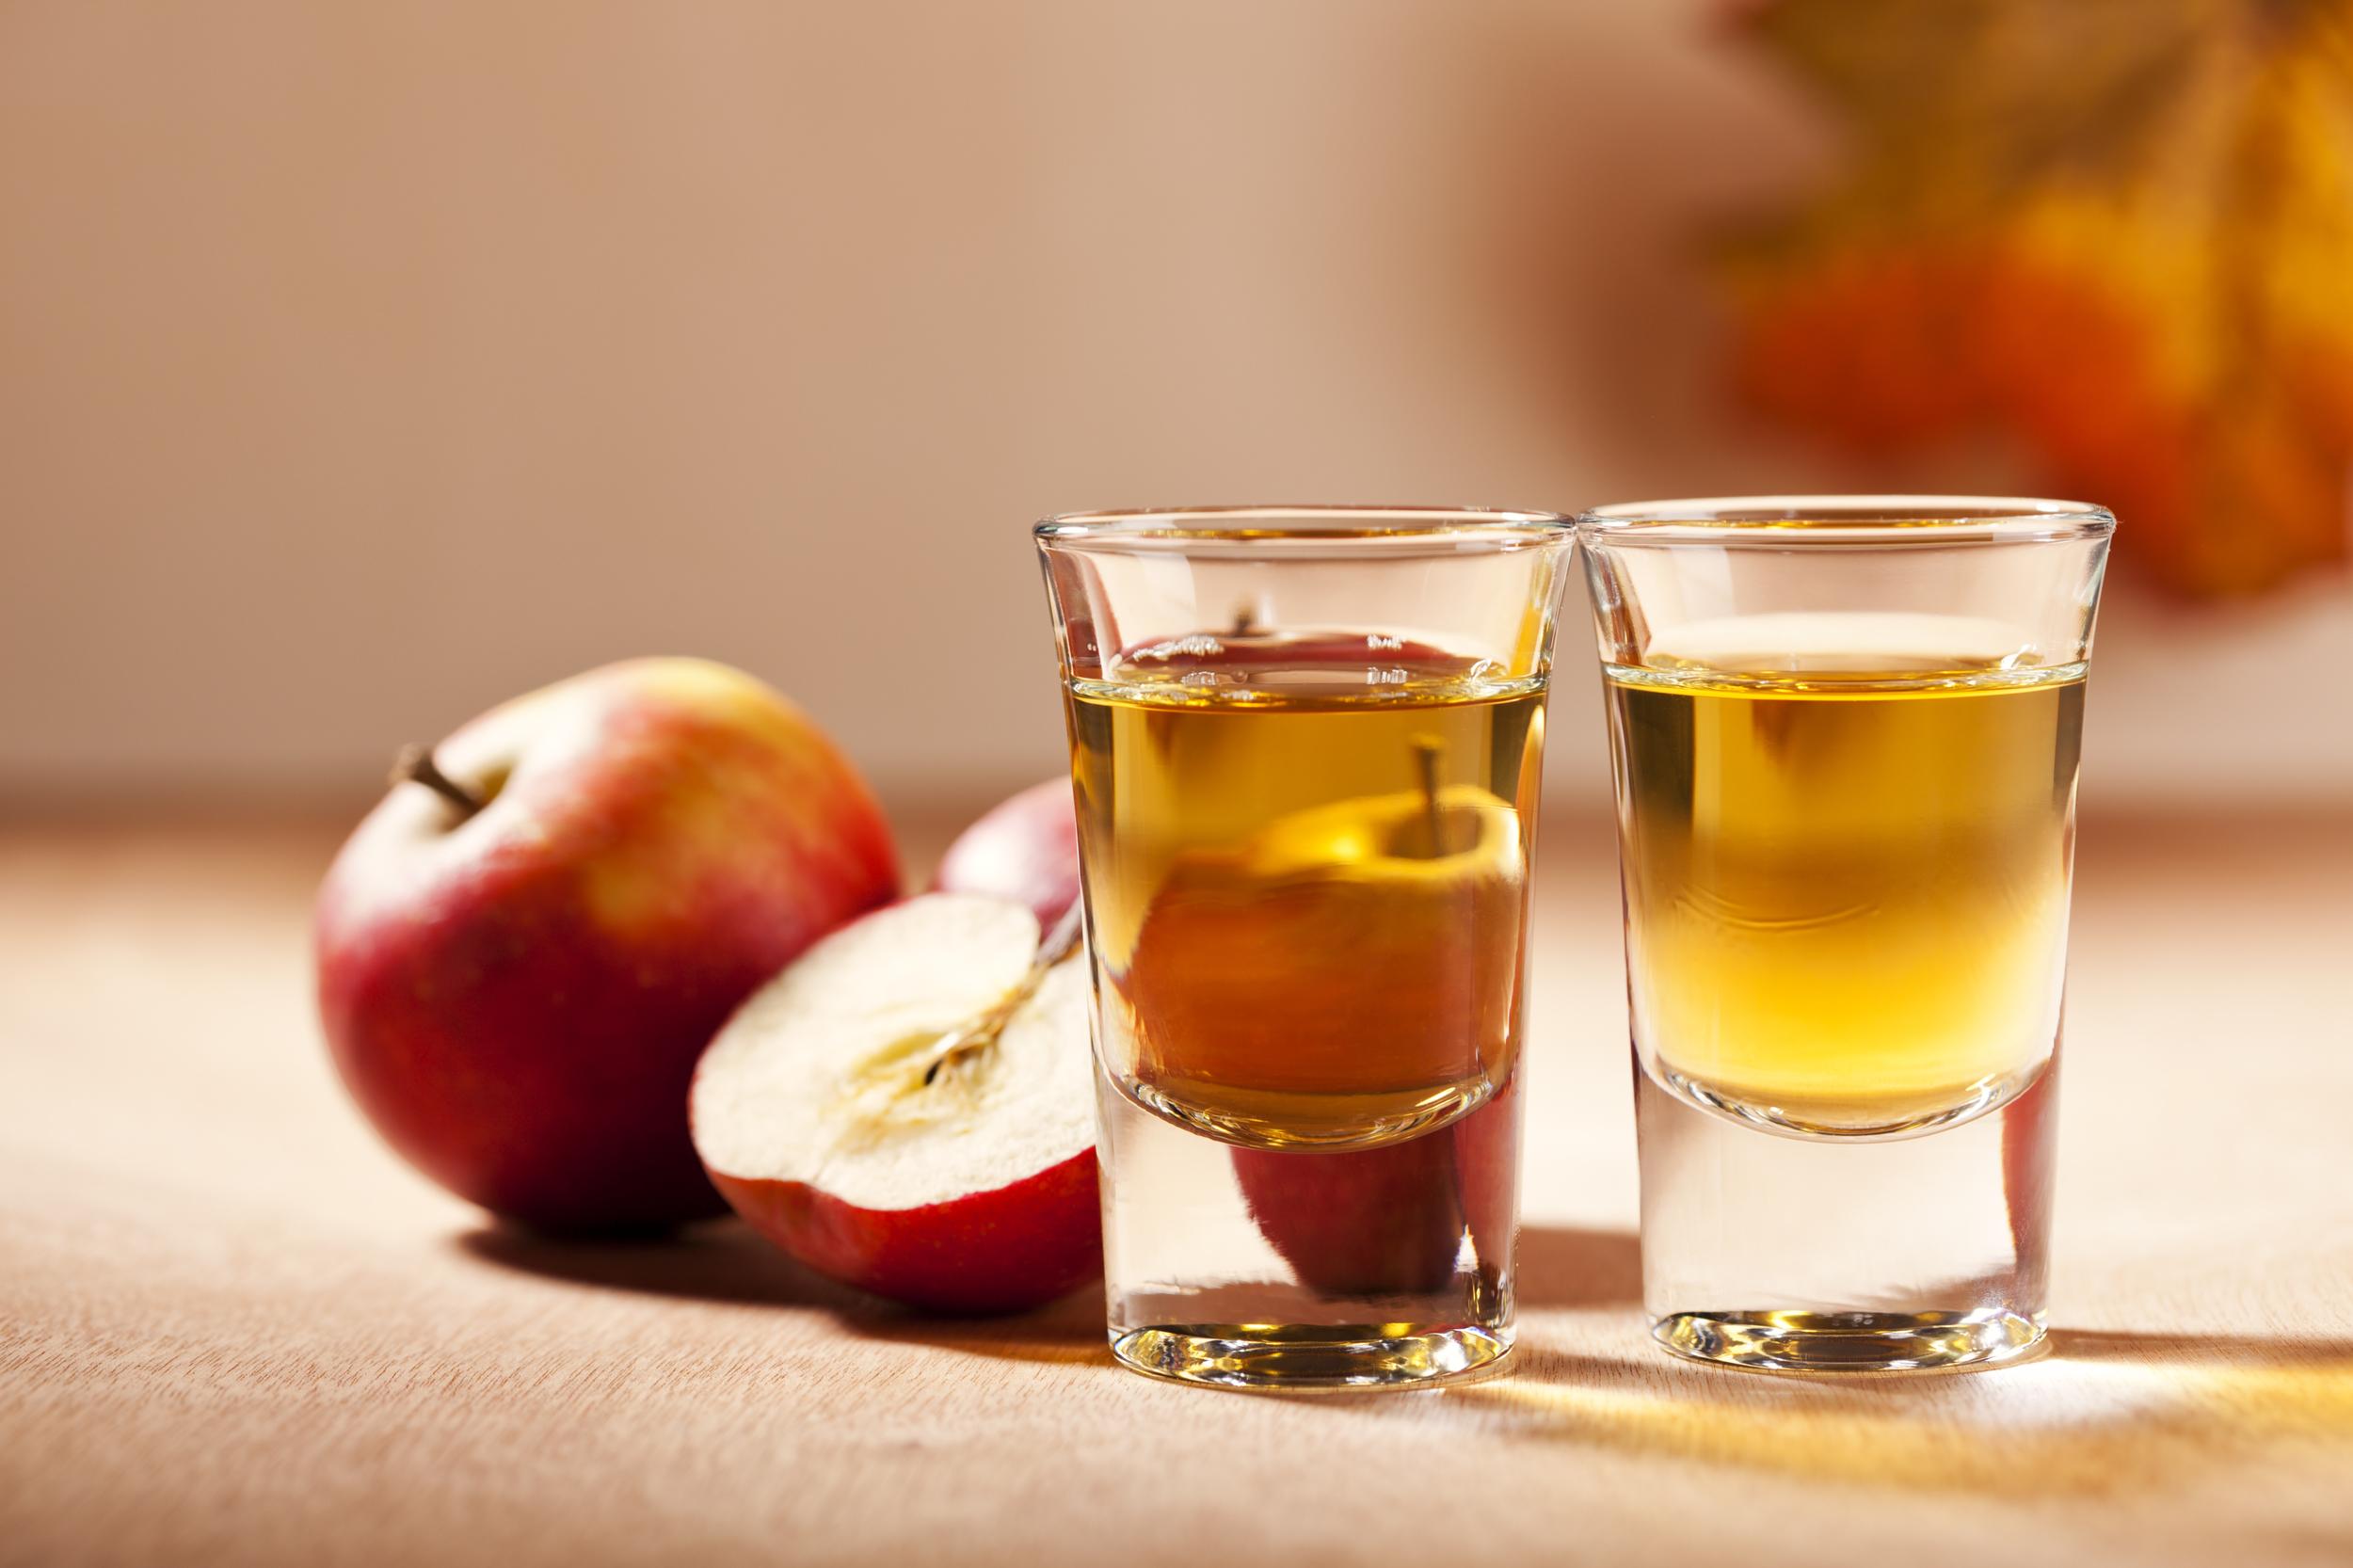 german-apple-schnapps-in-shot-1